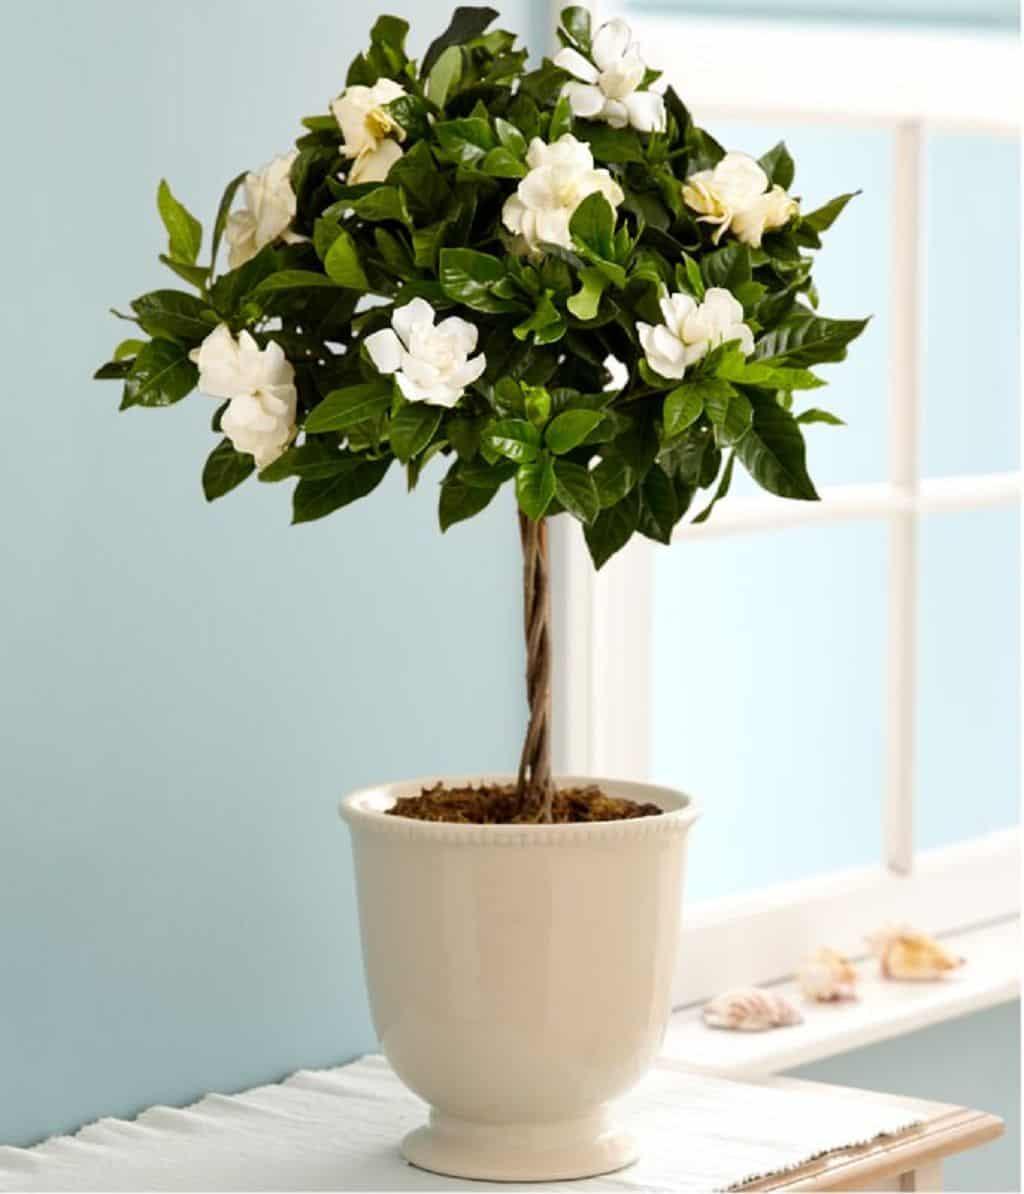 Cây hoa nhài trong chậu